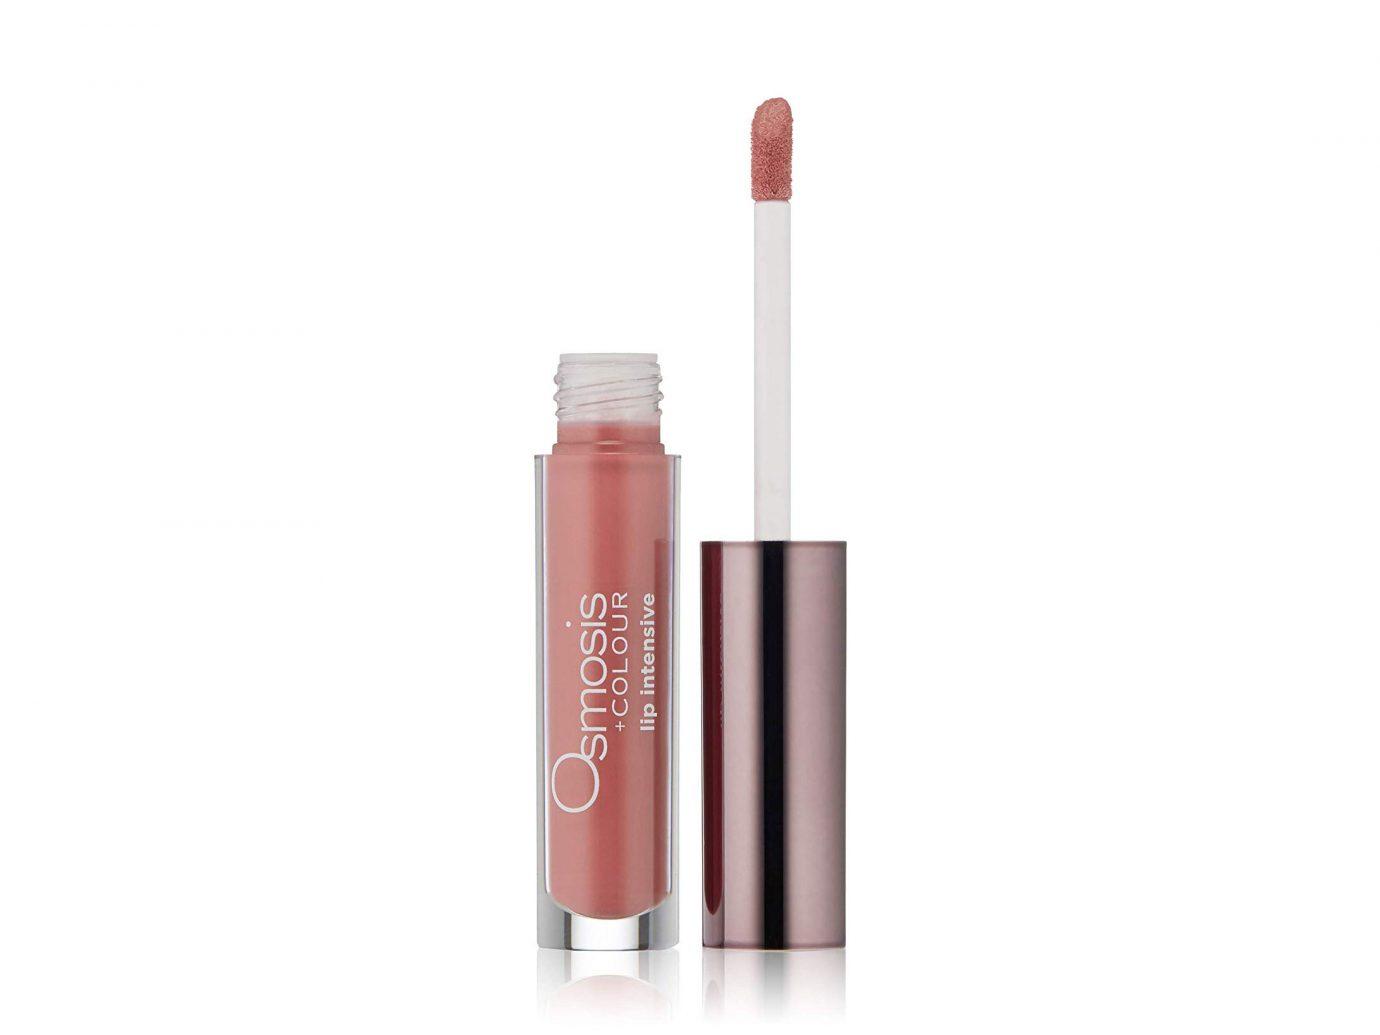 Osmosis Skincare Lip Intensive